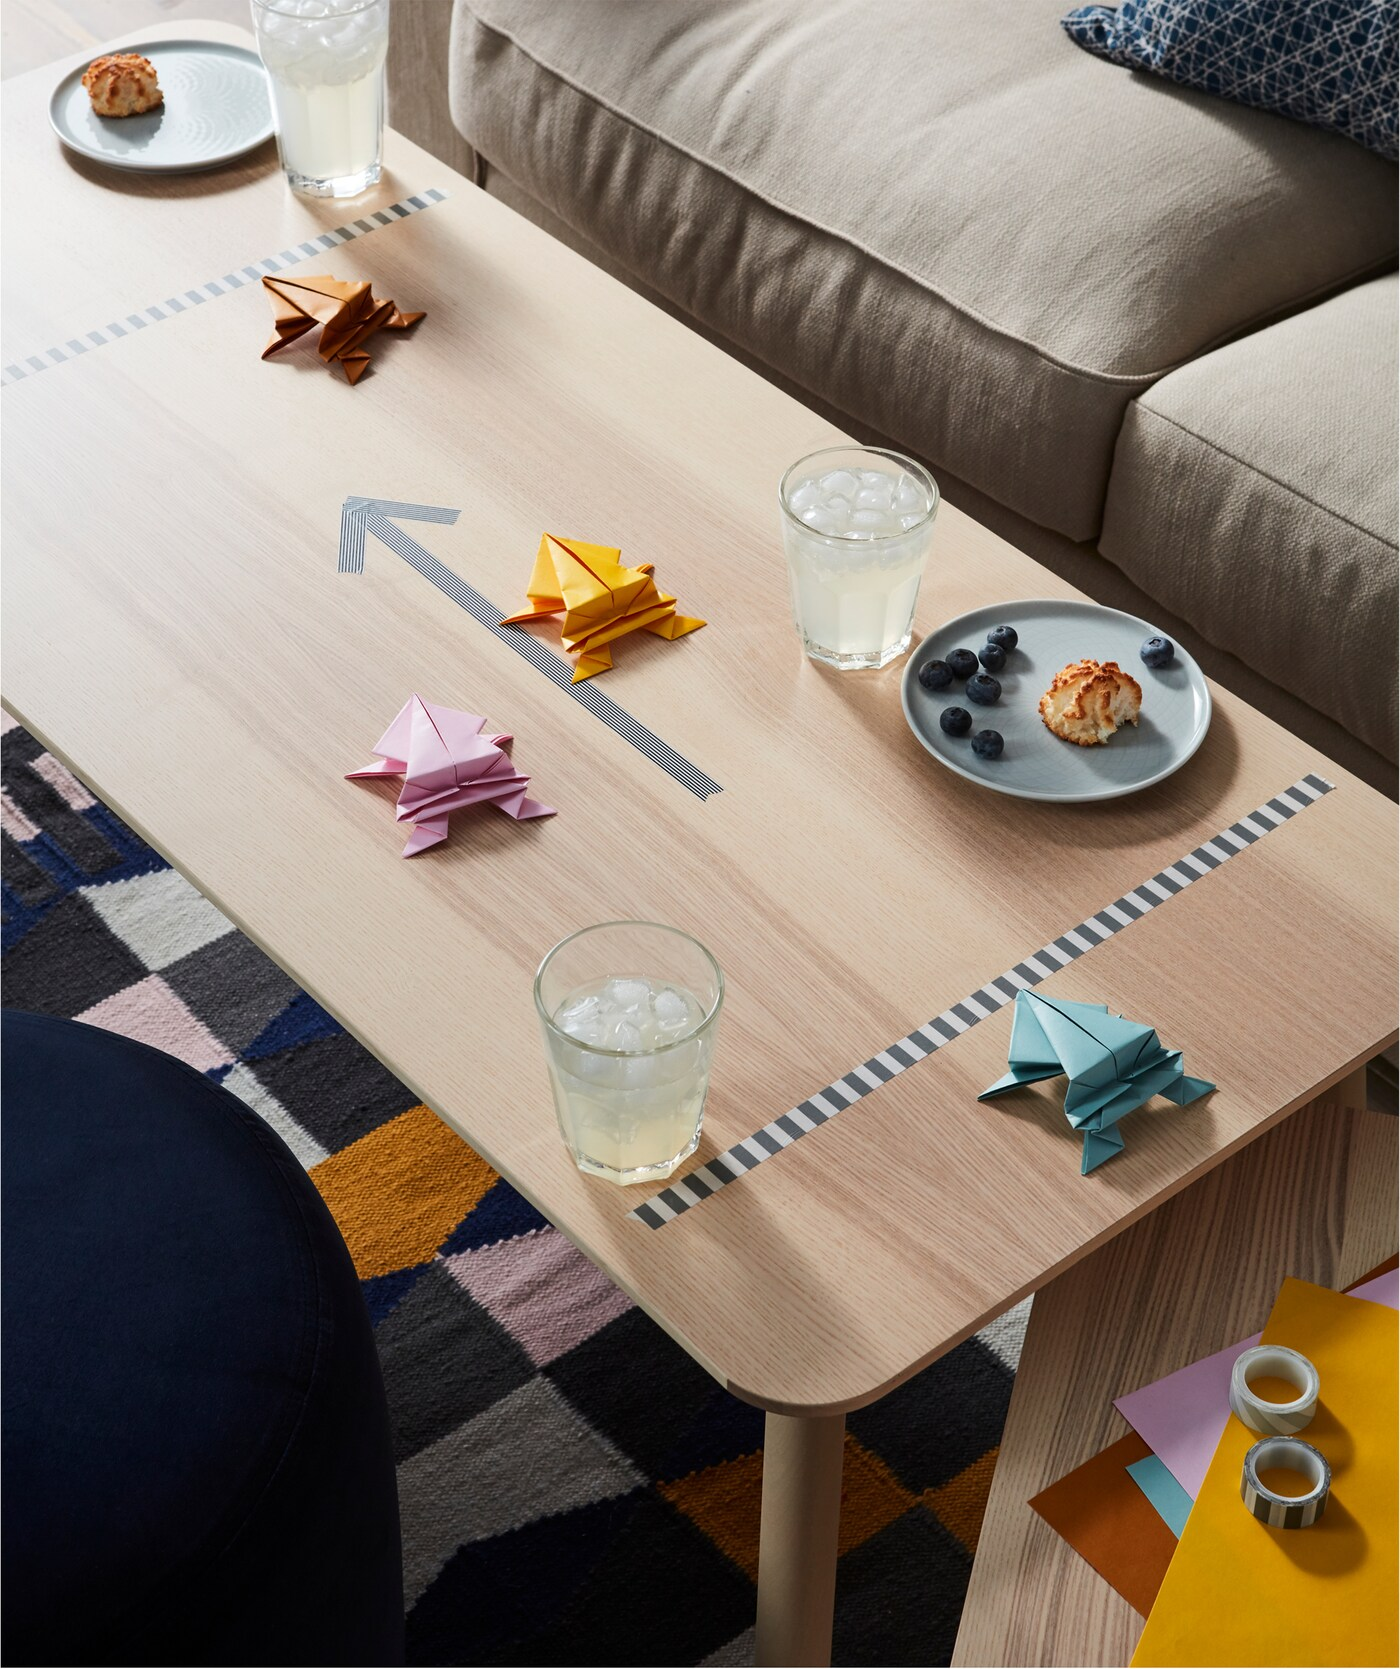 Et sofabord er forvandlet til et spillebræt med snacks